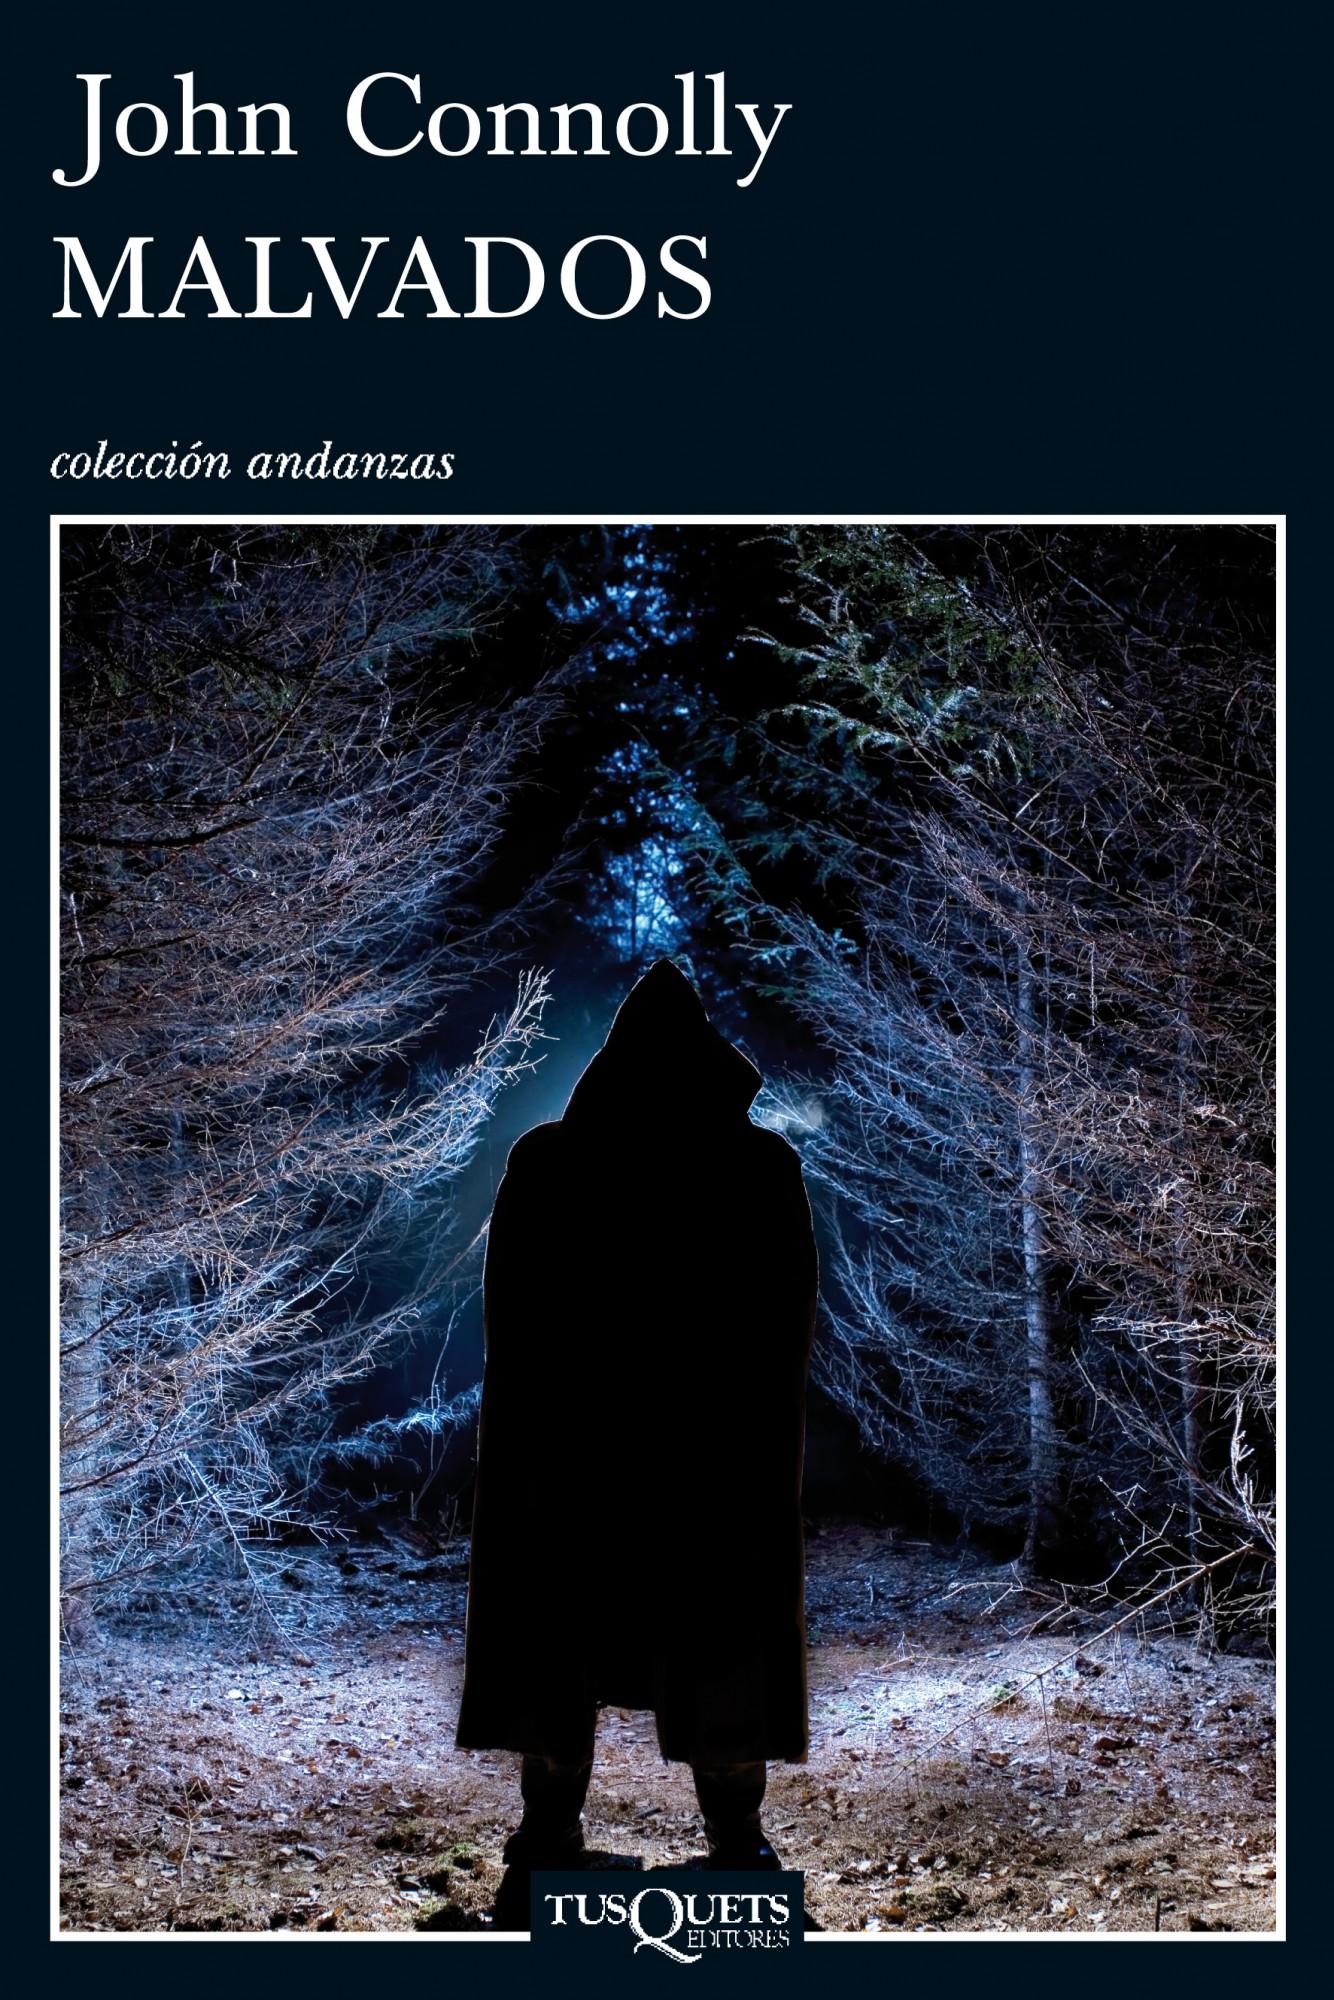 Portada de la novela Malvados, de John Connolly